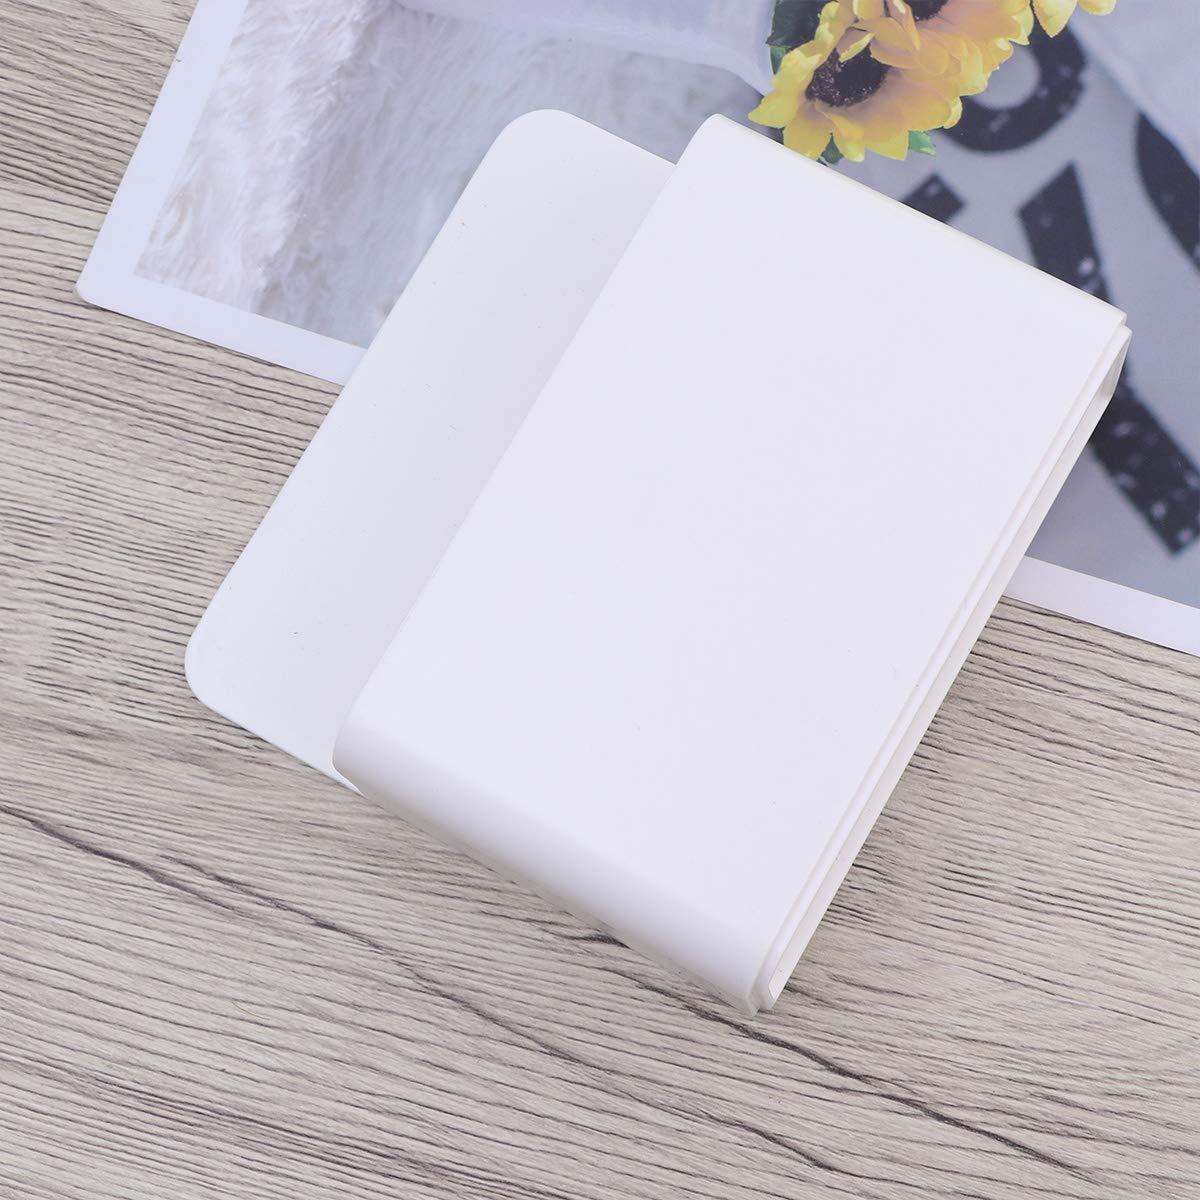 Blanco Toyvian Soporte de Marcador de borrado en seco magn/ético Soporte de l/ápiz magn/ético Pizarra Blanca Soporte de l/ápiz Organizador Soporte de l/ápiz